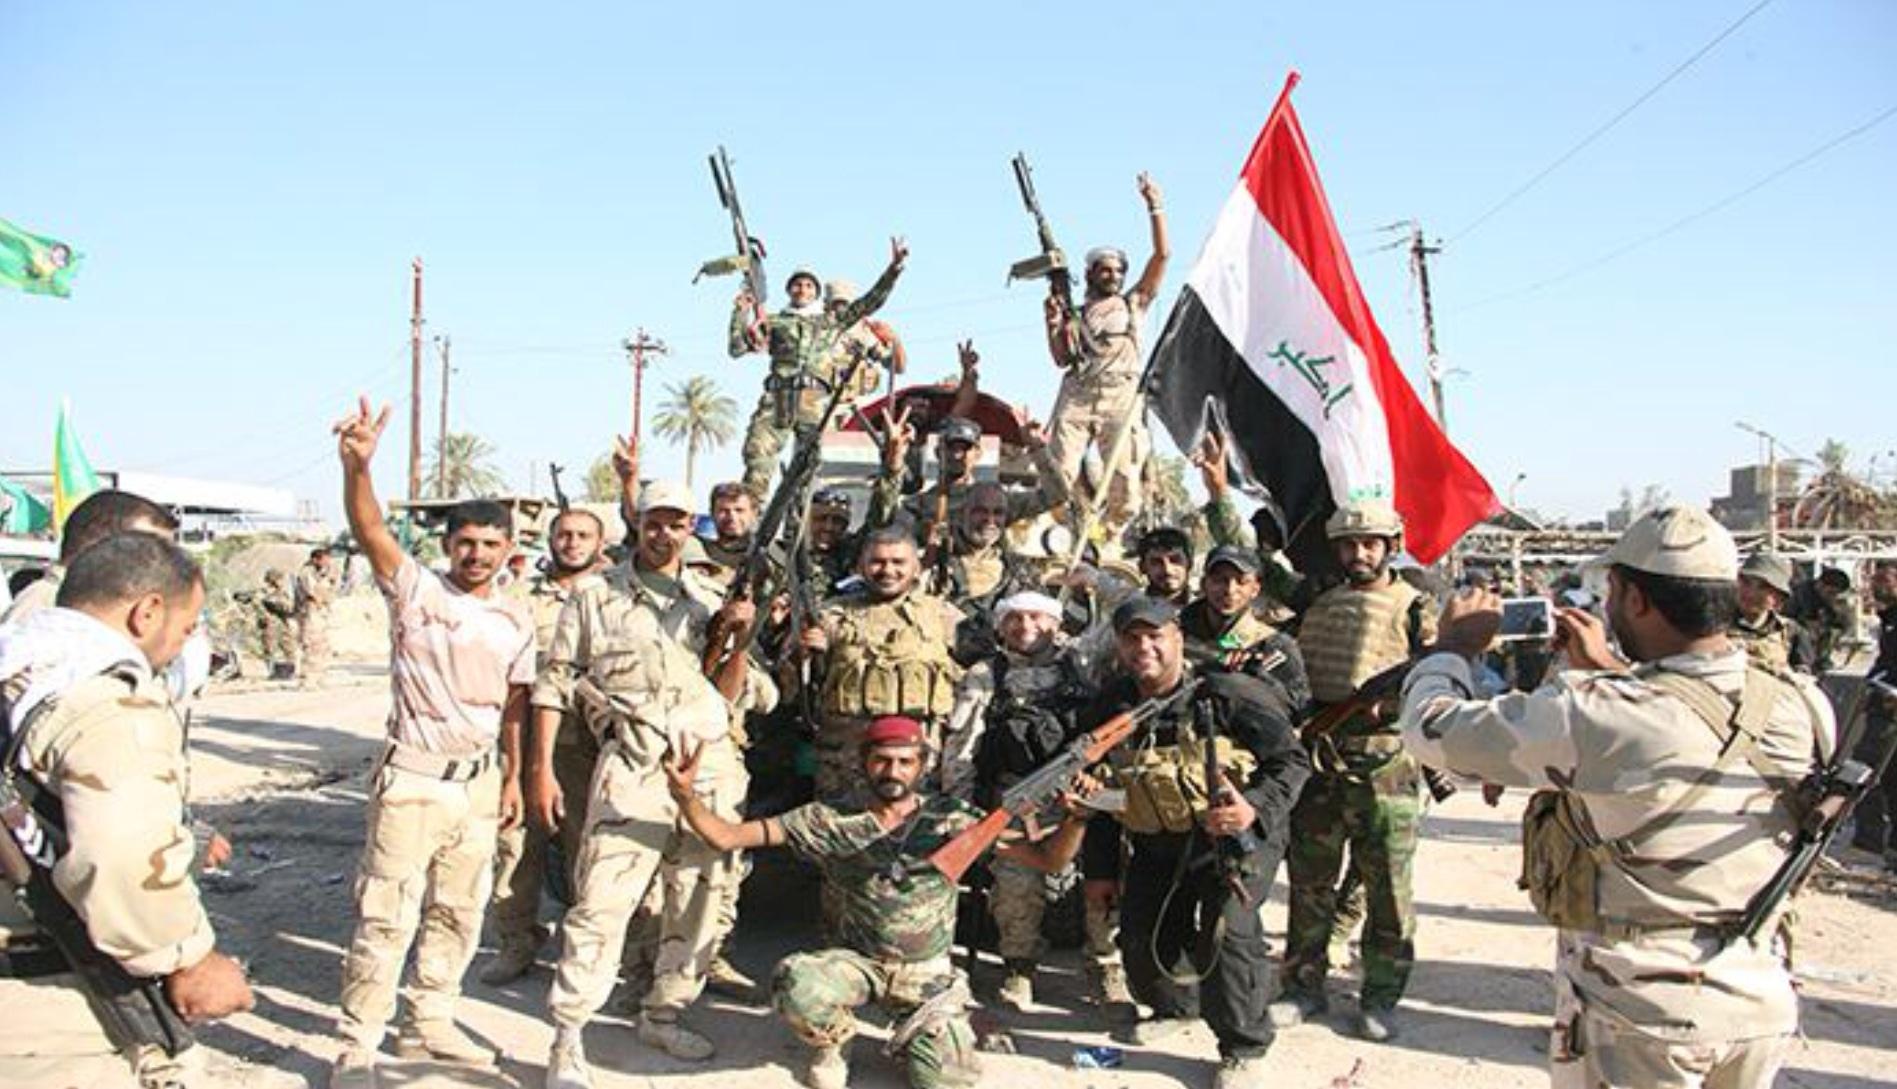 العراق يضم قوات الحشد الشعبي رسميا إلى الجيش